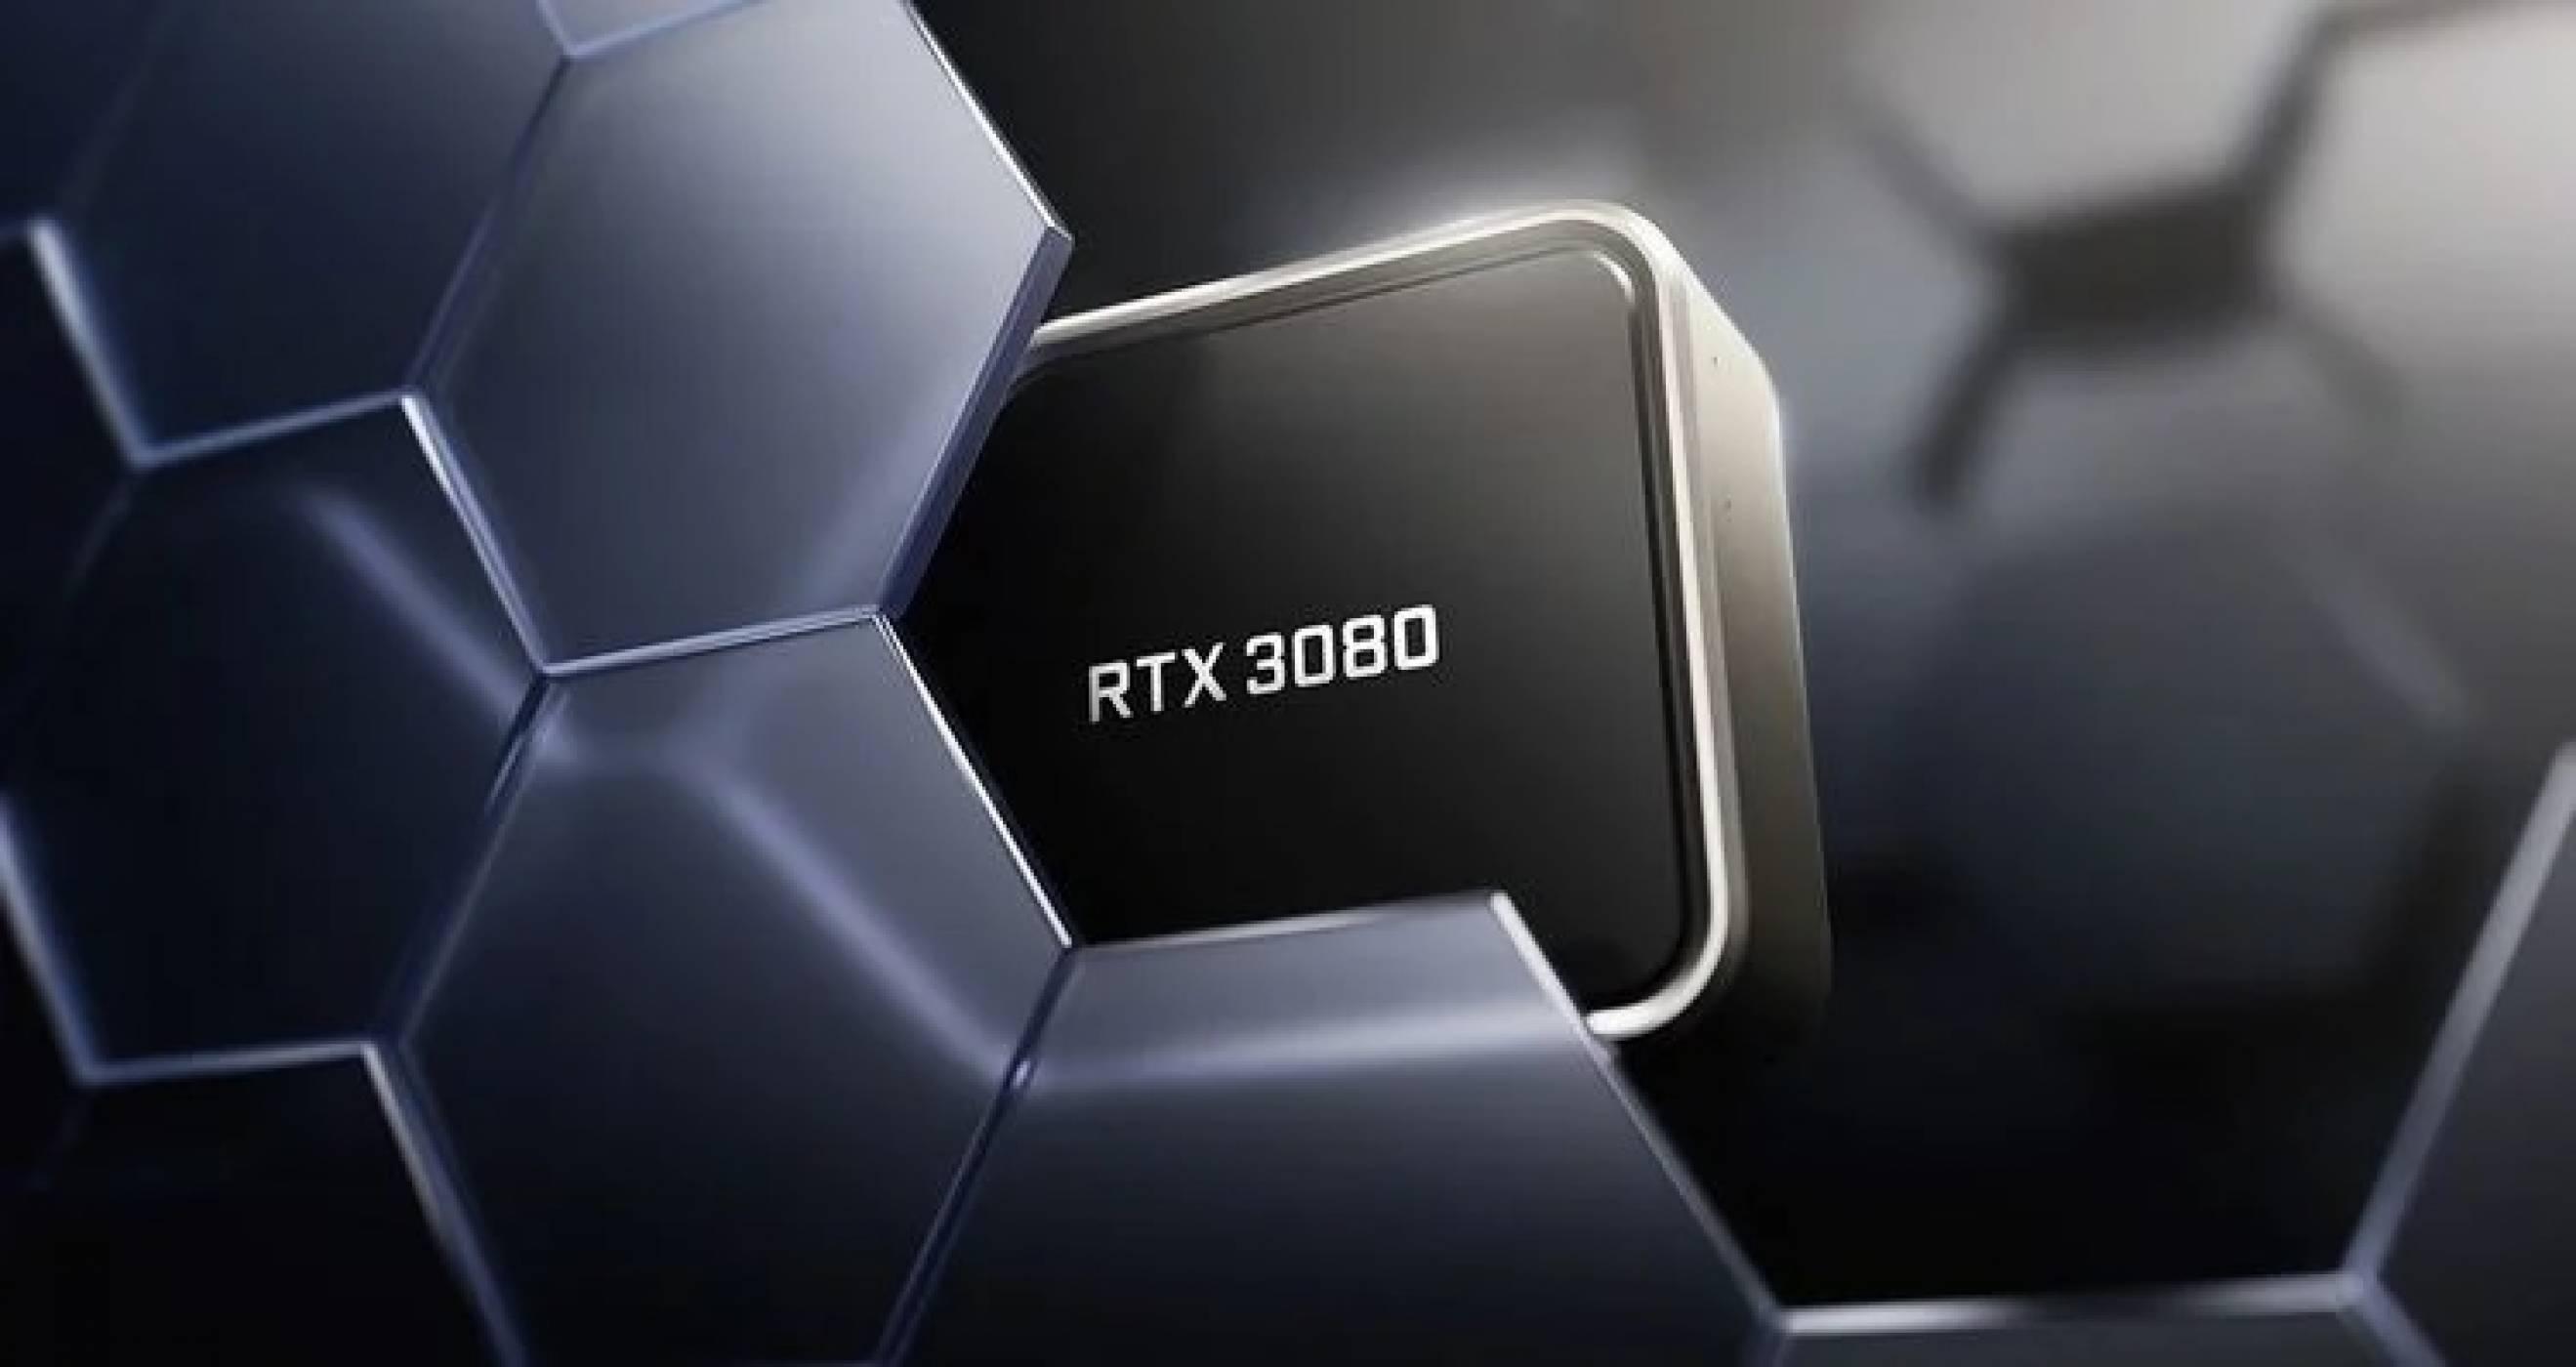 Nvidia ви дава RTX 3080 под наем за GeForce Now, но цената е солена